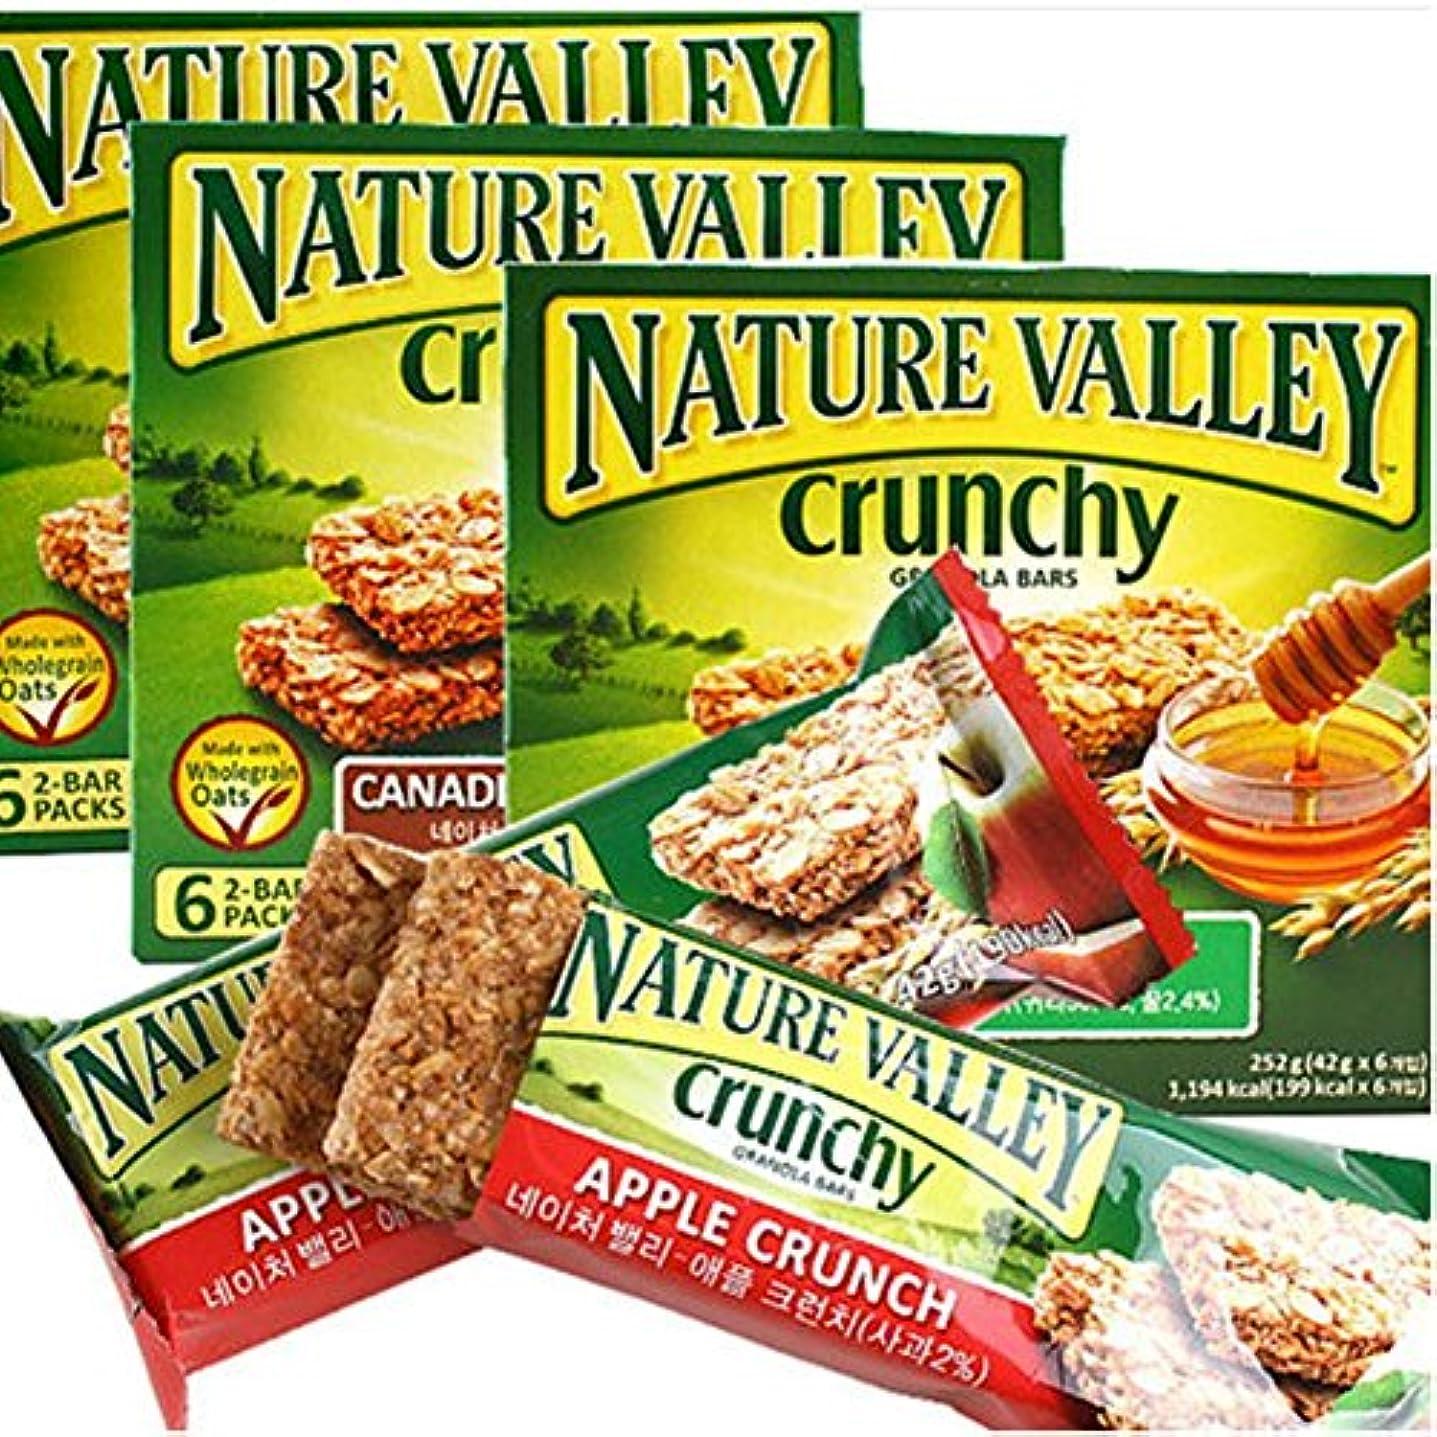 エンコミウム最終的に検閲[ネイチャーバレー/Nature Valley] CANADIAN MAPLE SYRUP/ネイチャーバレークランチグラノーラバー42g5パックx3 Box - メープルシロップ(合計15袋)穀物バー/シリアル/栄養のバー...